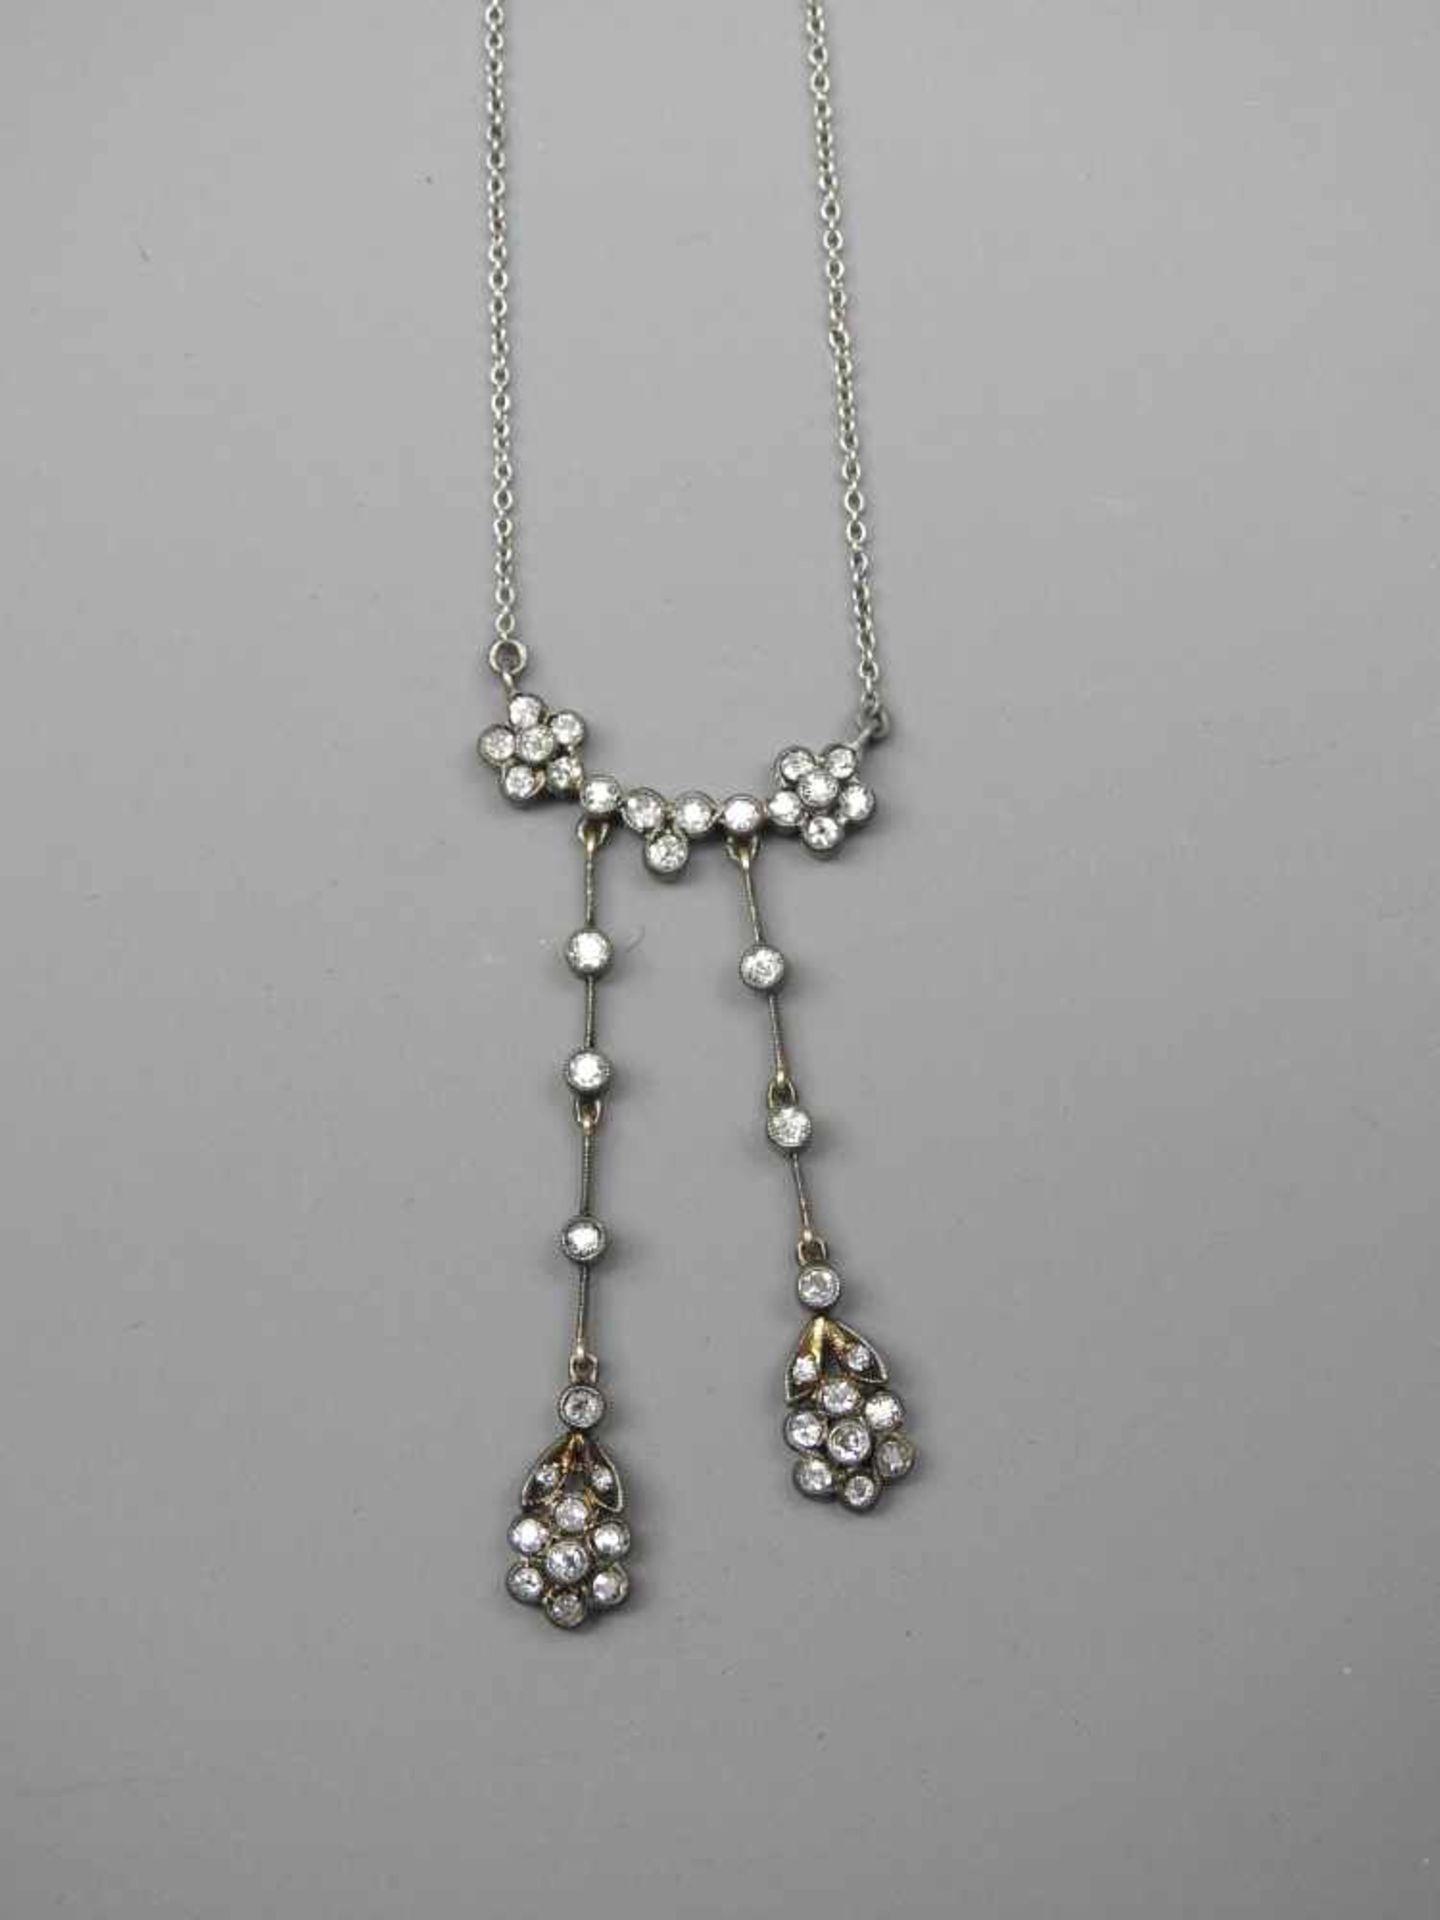 Feines Jugendstil-CollierSilber mit Diamantbesatz von ca. 0,80 ct. Wohl Deutschland, u